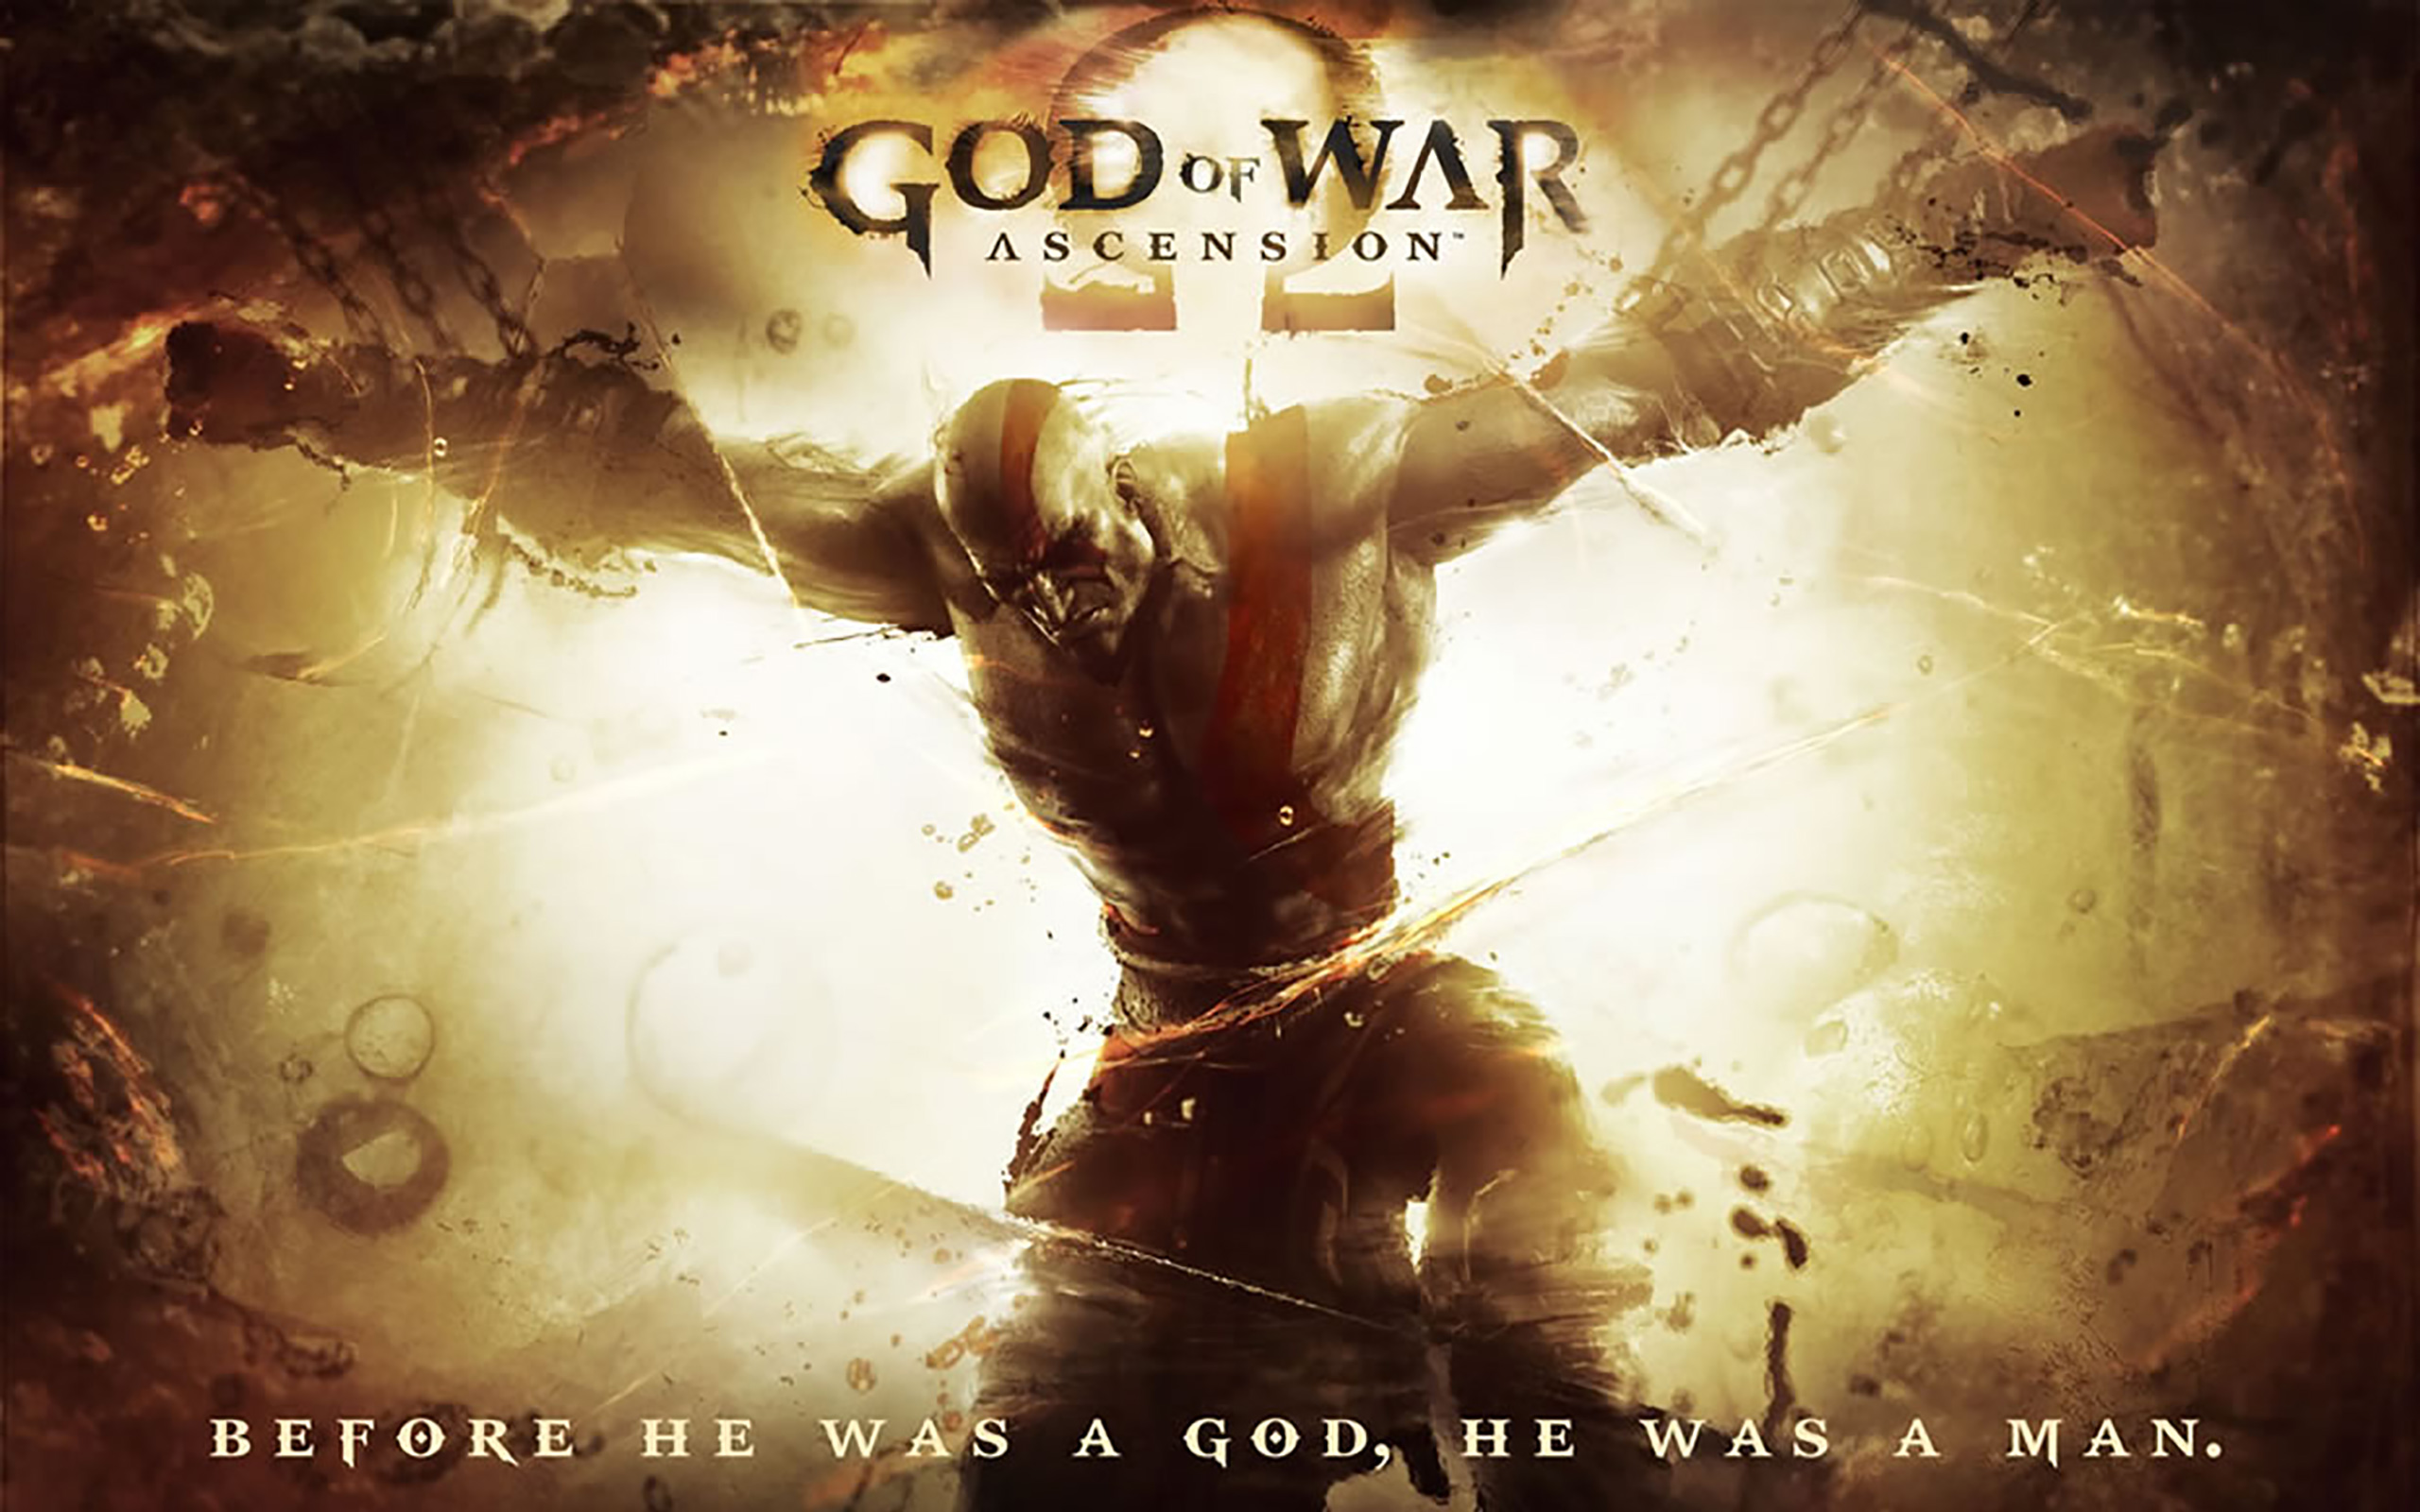 God of War: Ascension / Santa Monica Studios